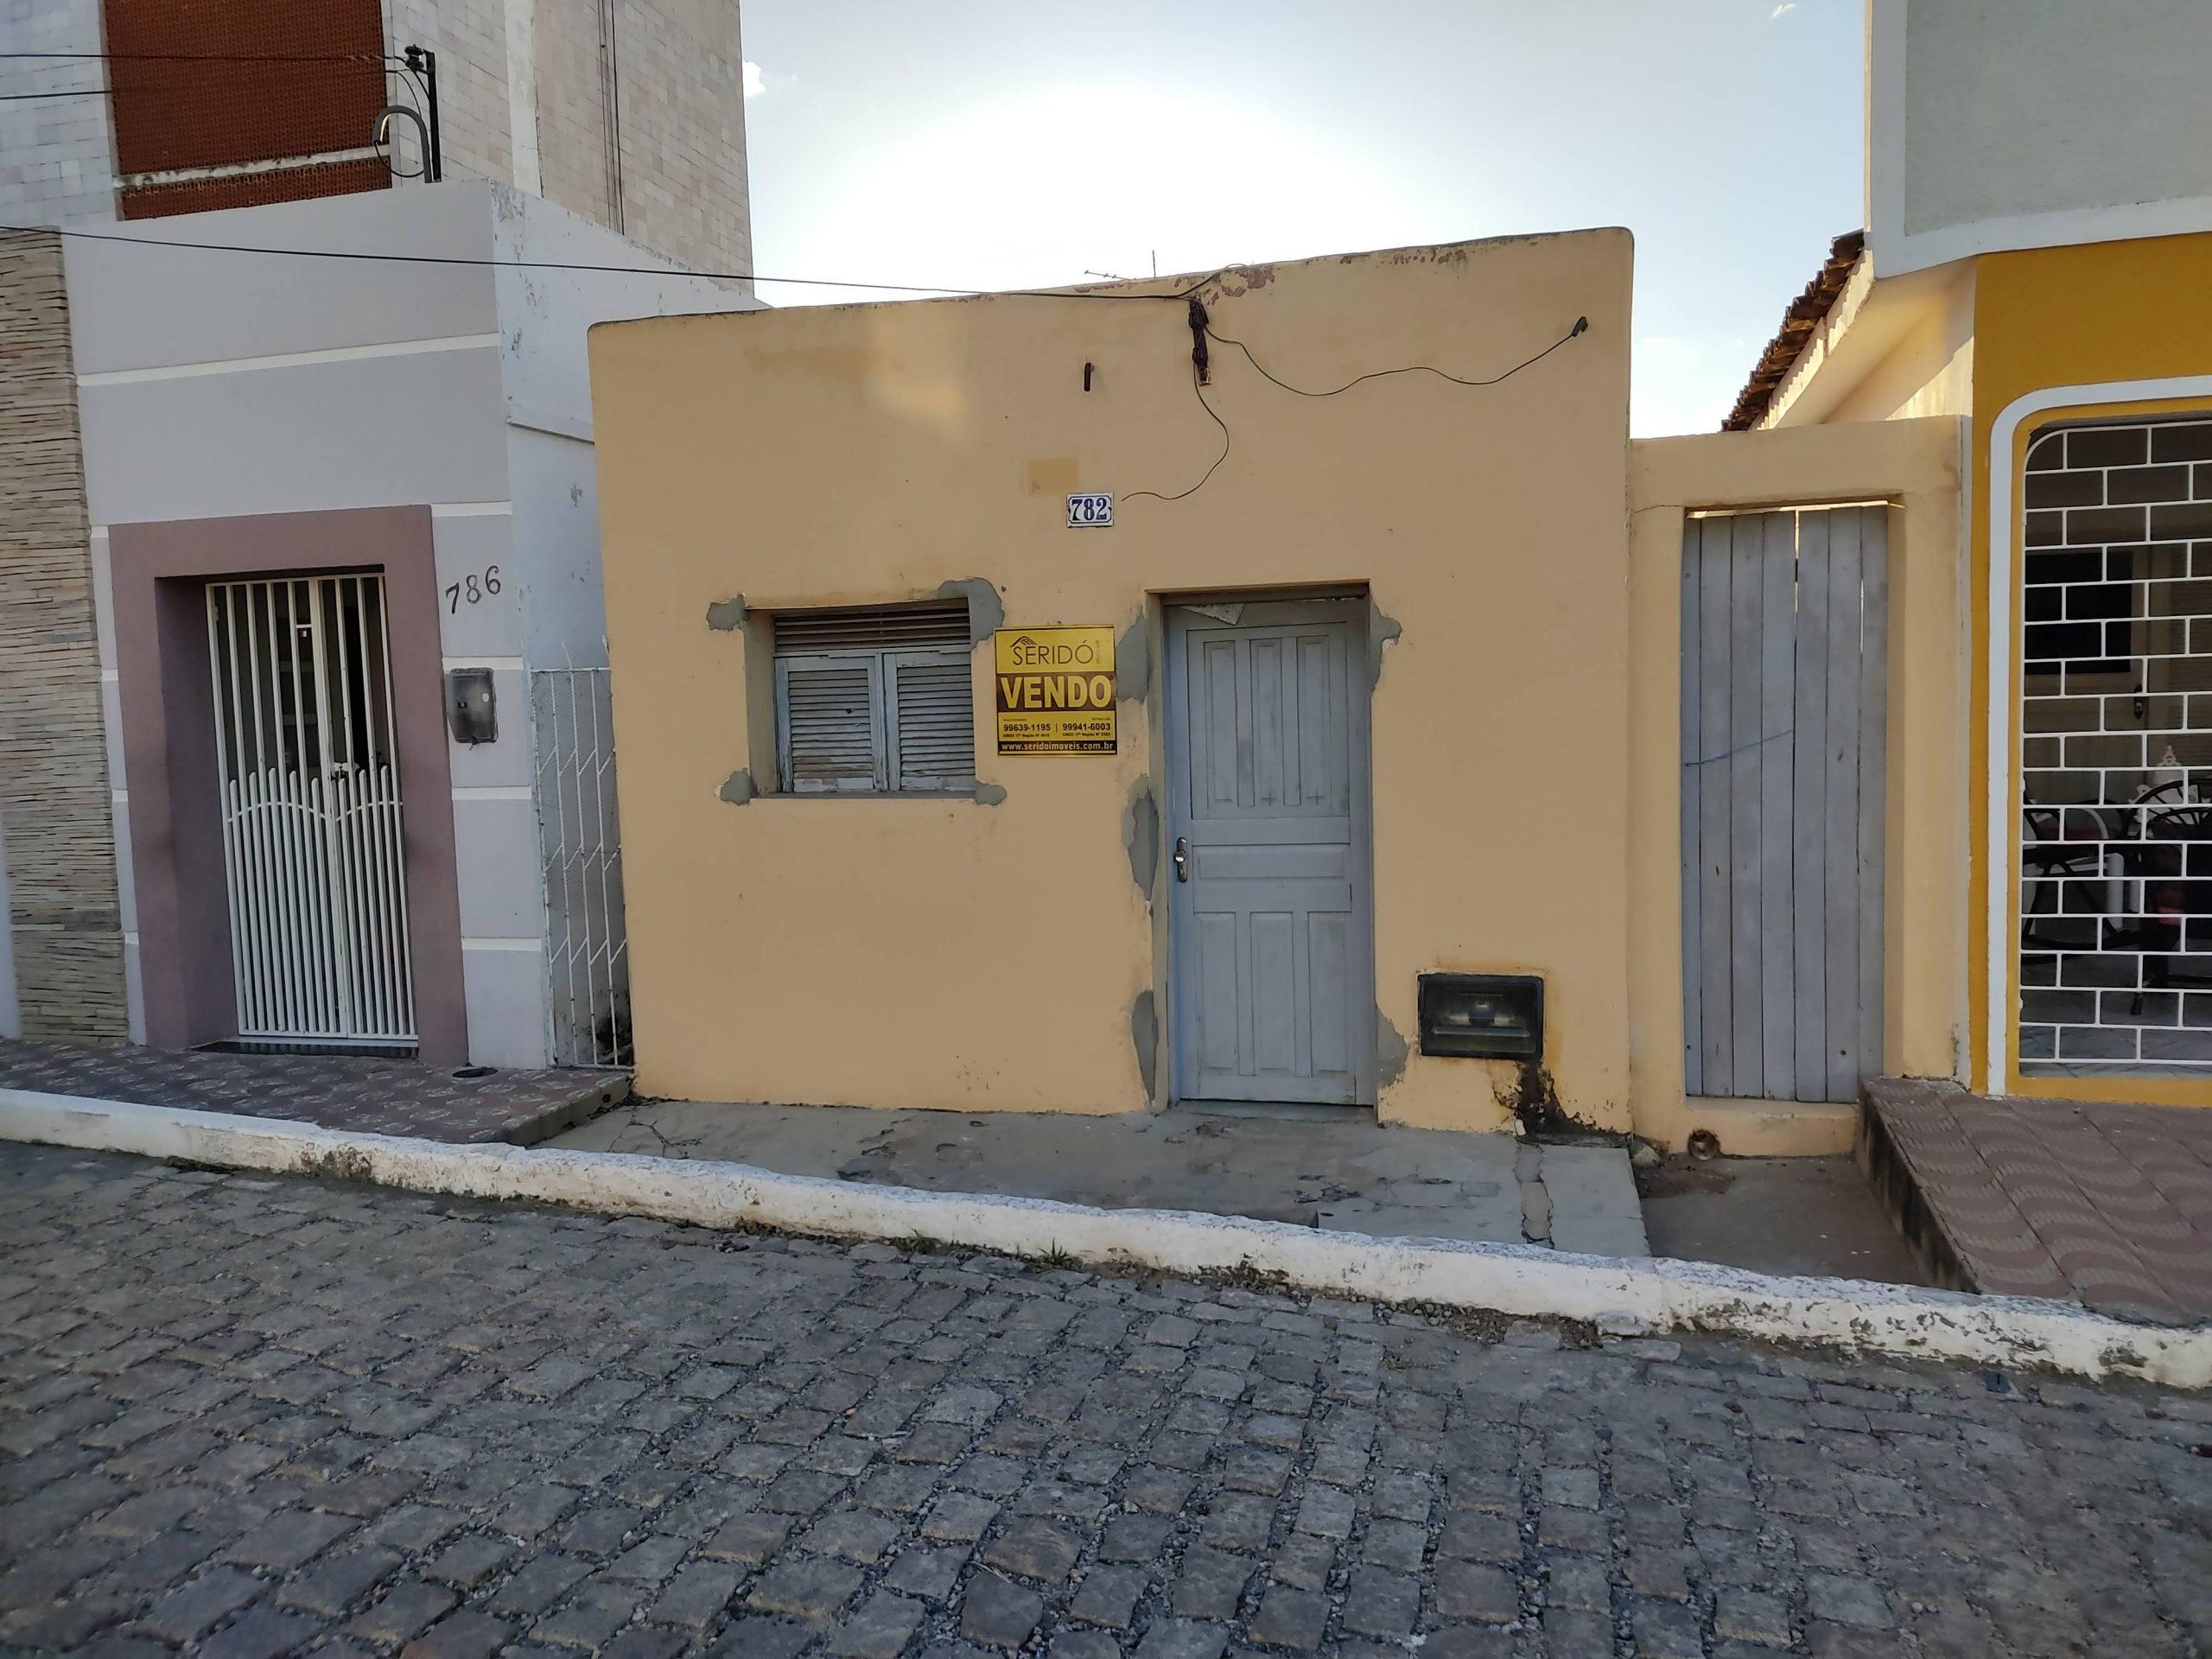 Casa residencial na Av. Presidente Getúlio Vargas, 782